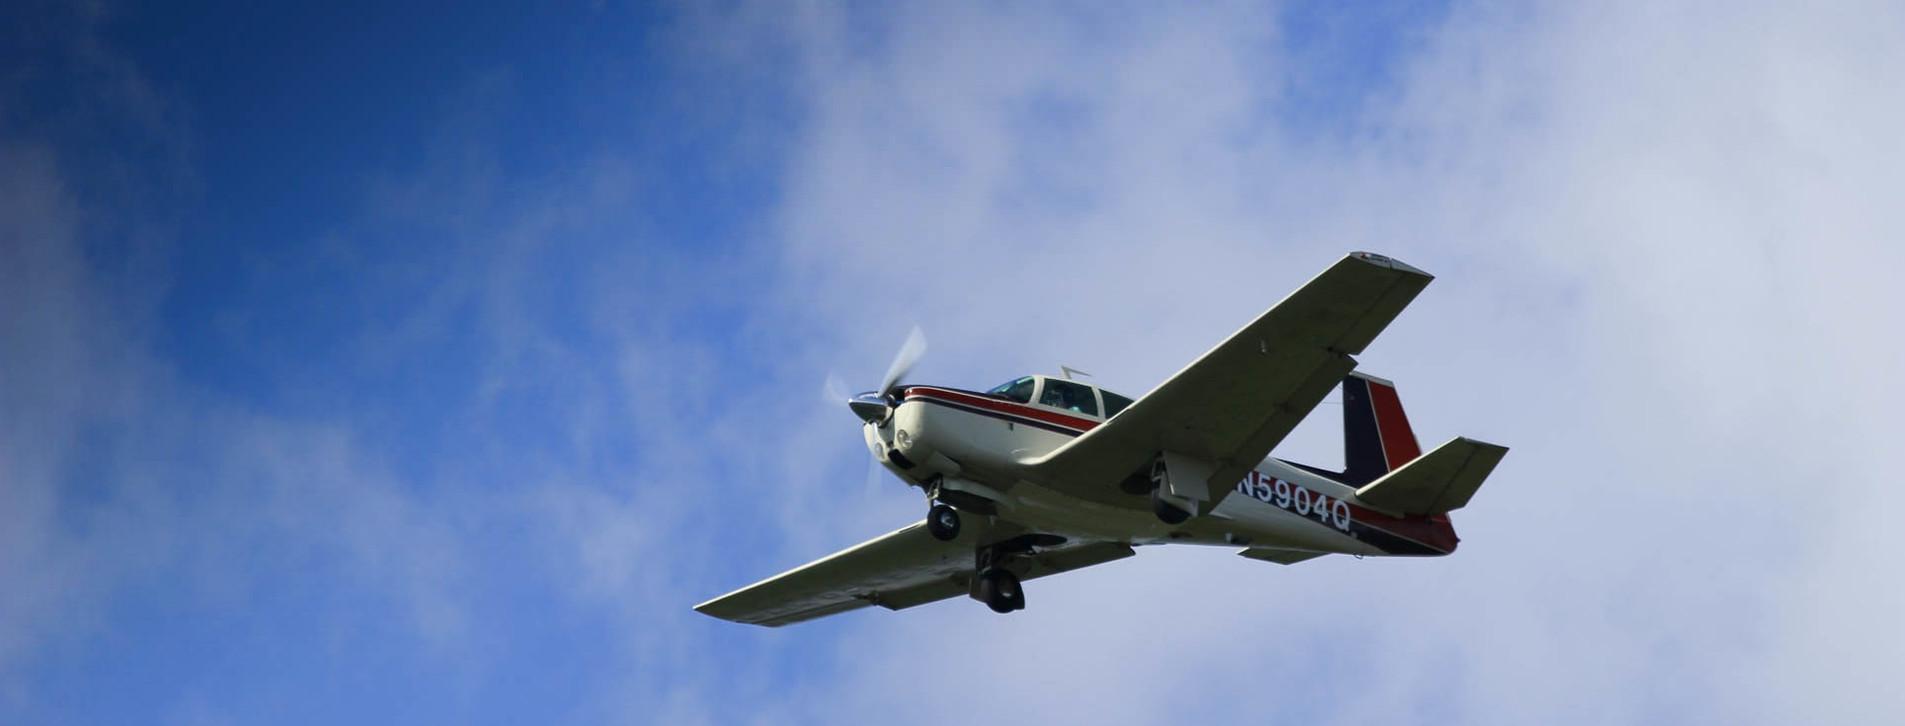 Фото 1 - Полет на самолете для компании Long